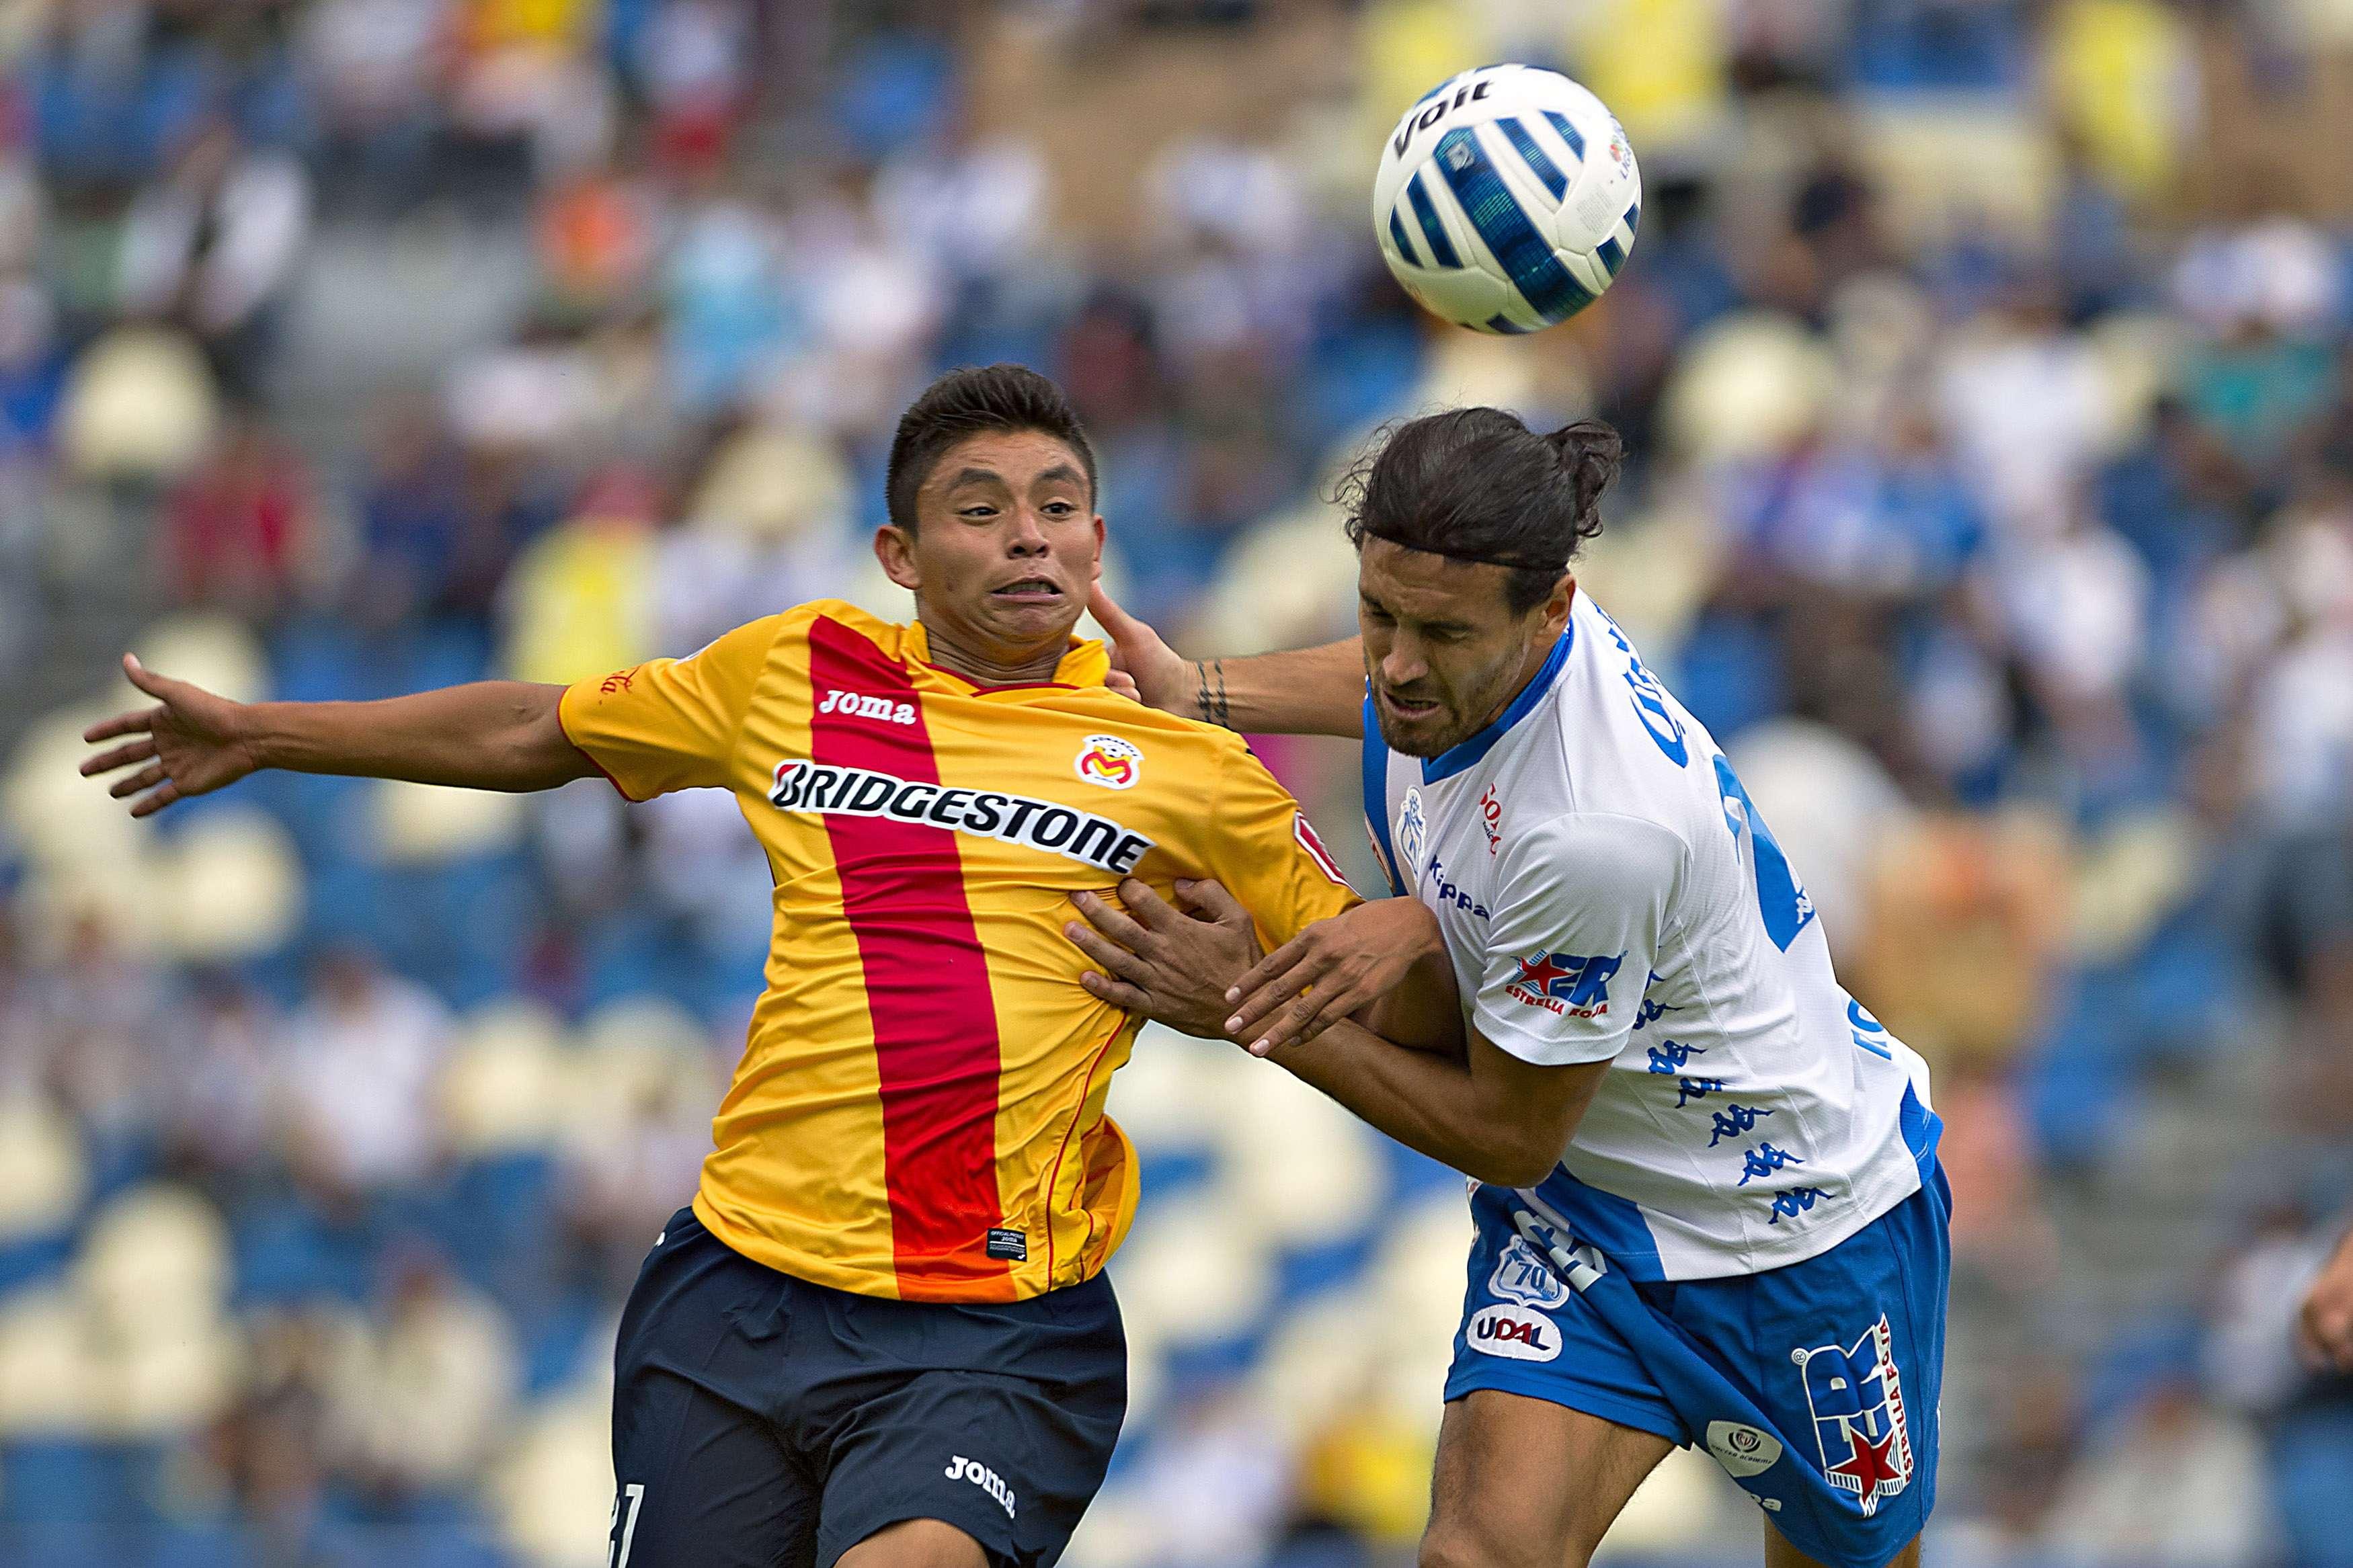 Puebla consigue su primer triunfo en casa ante Morelia 3-2. Foto: Mexsport